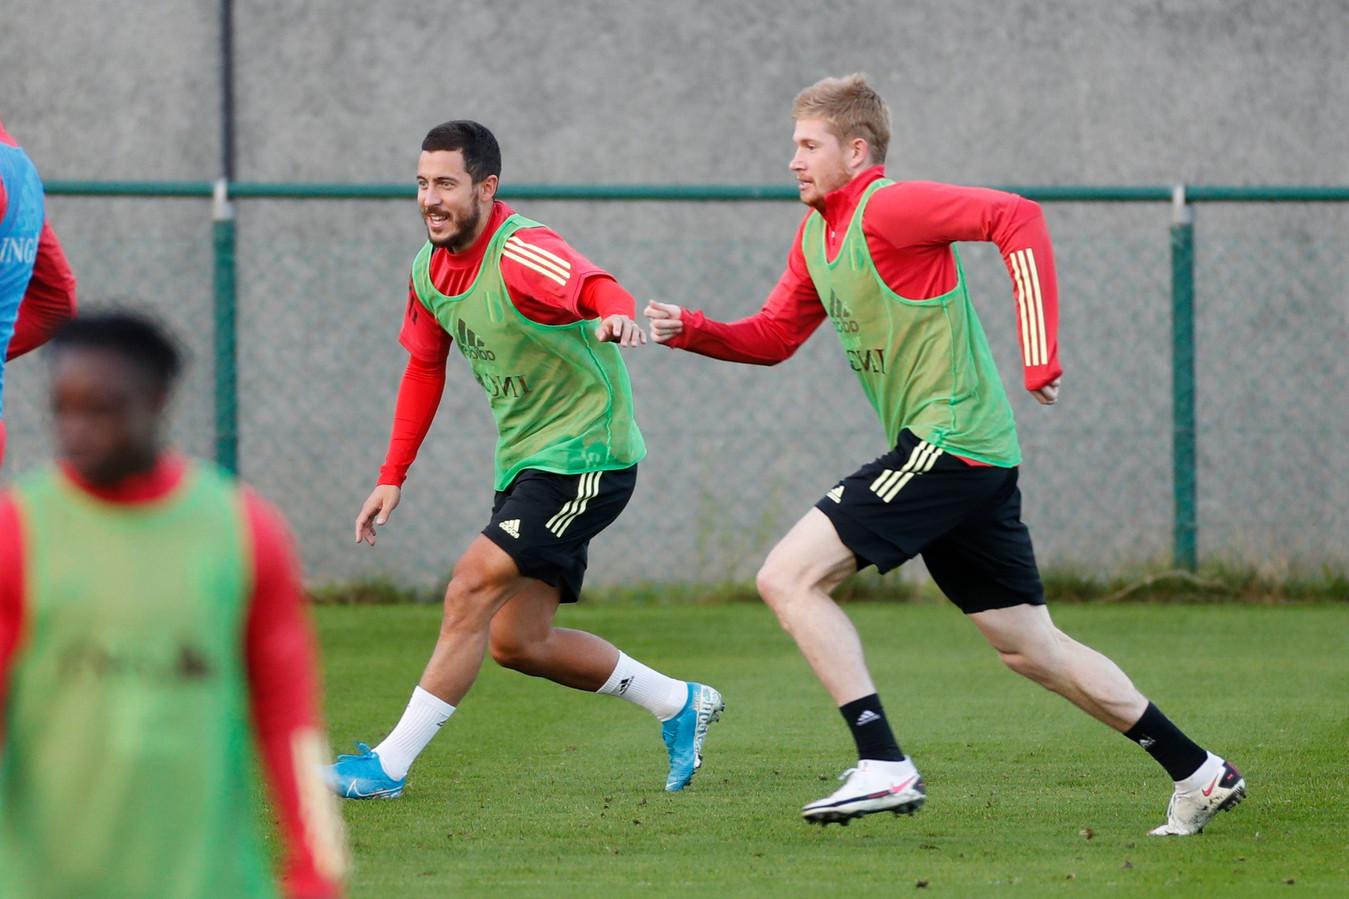 De Bruyne en Eden Hazard vanavond op training.